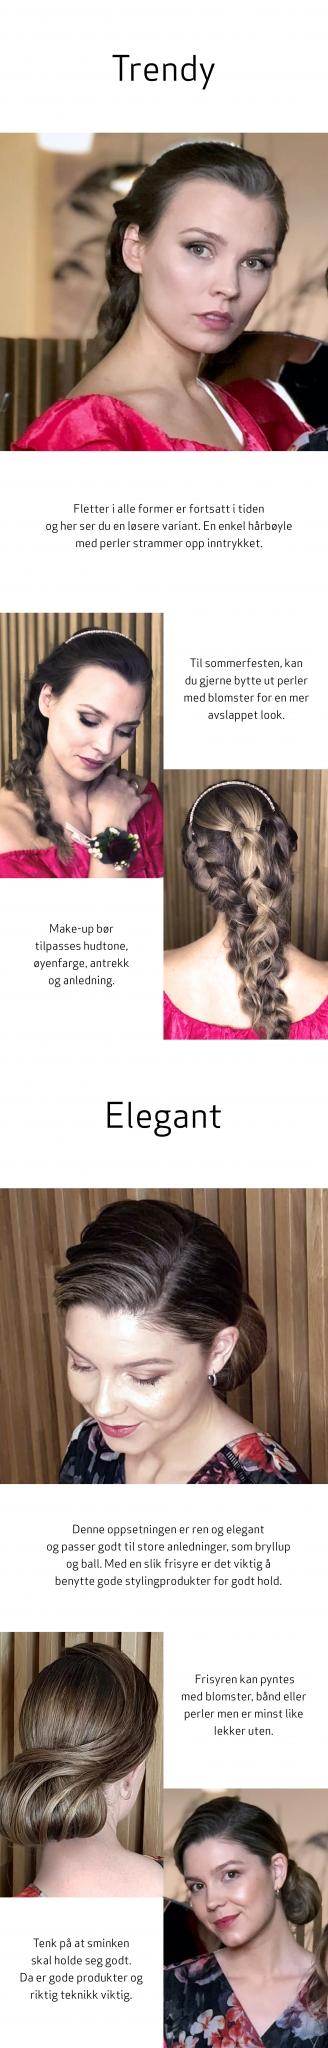 Feststyling langt hår